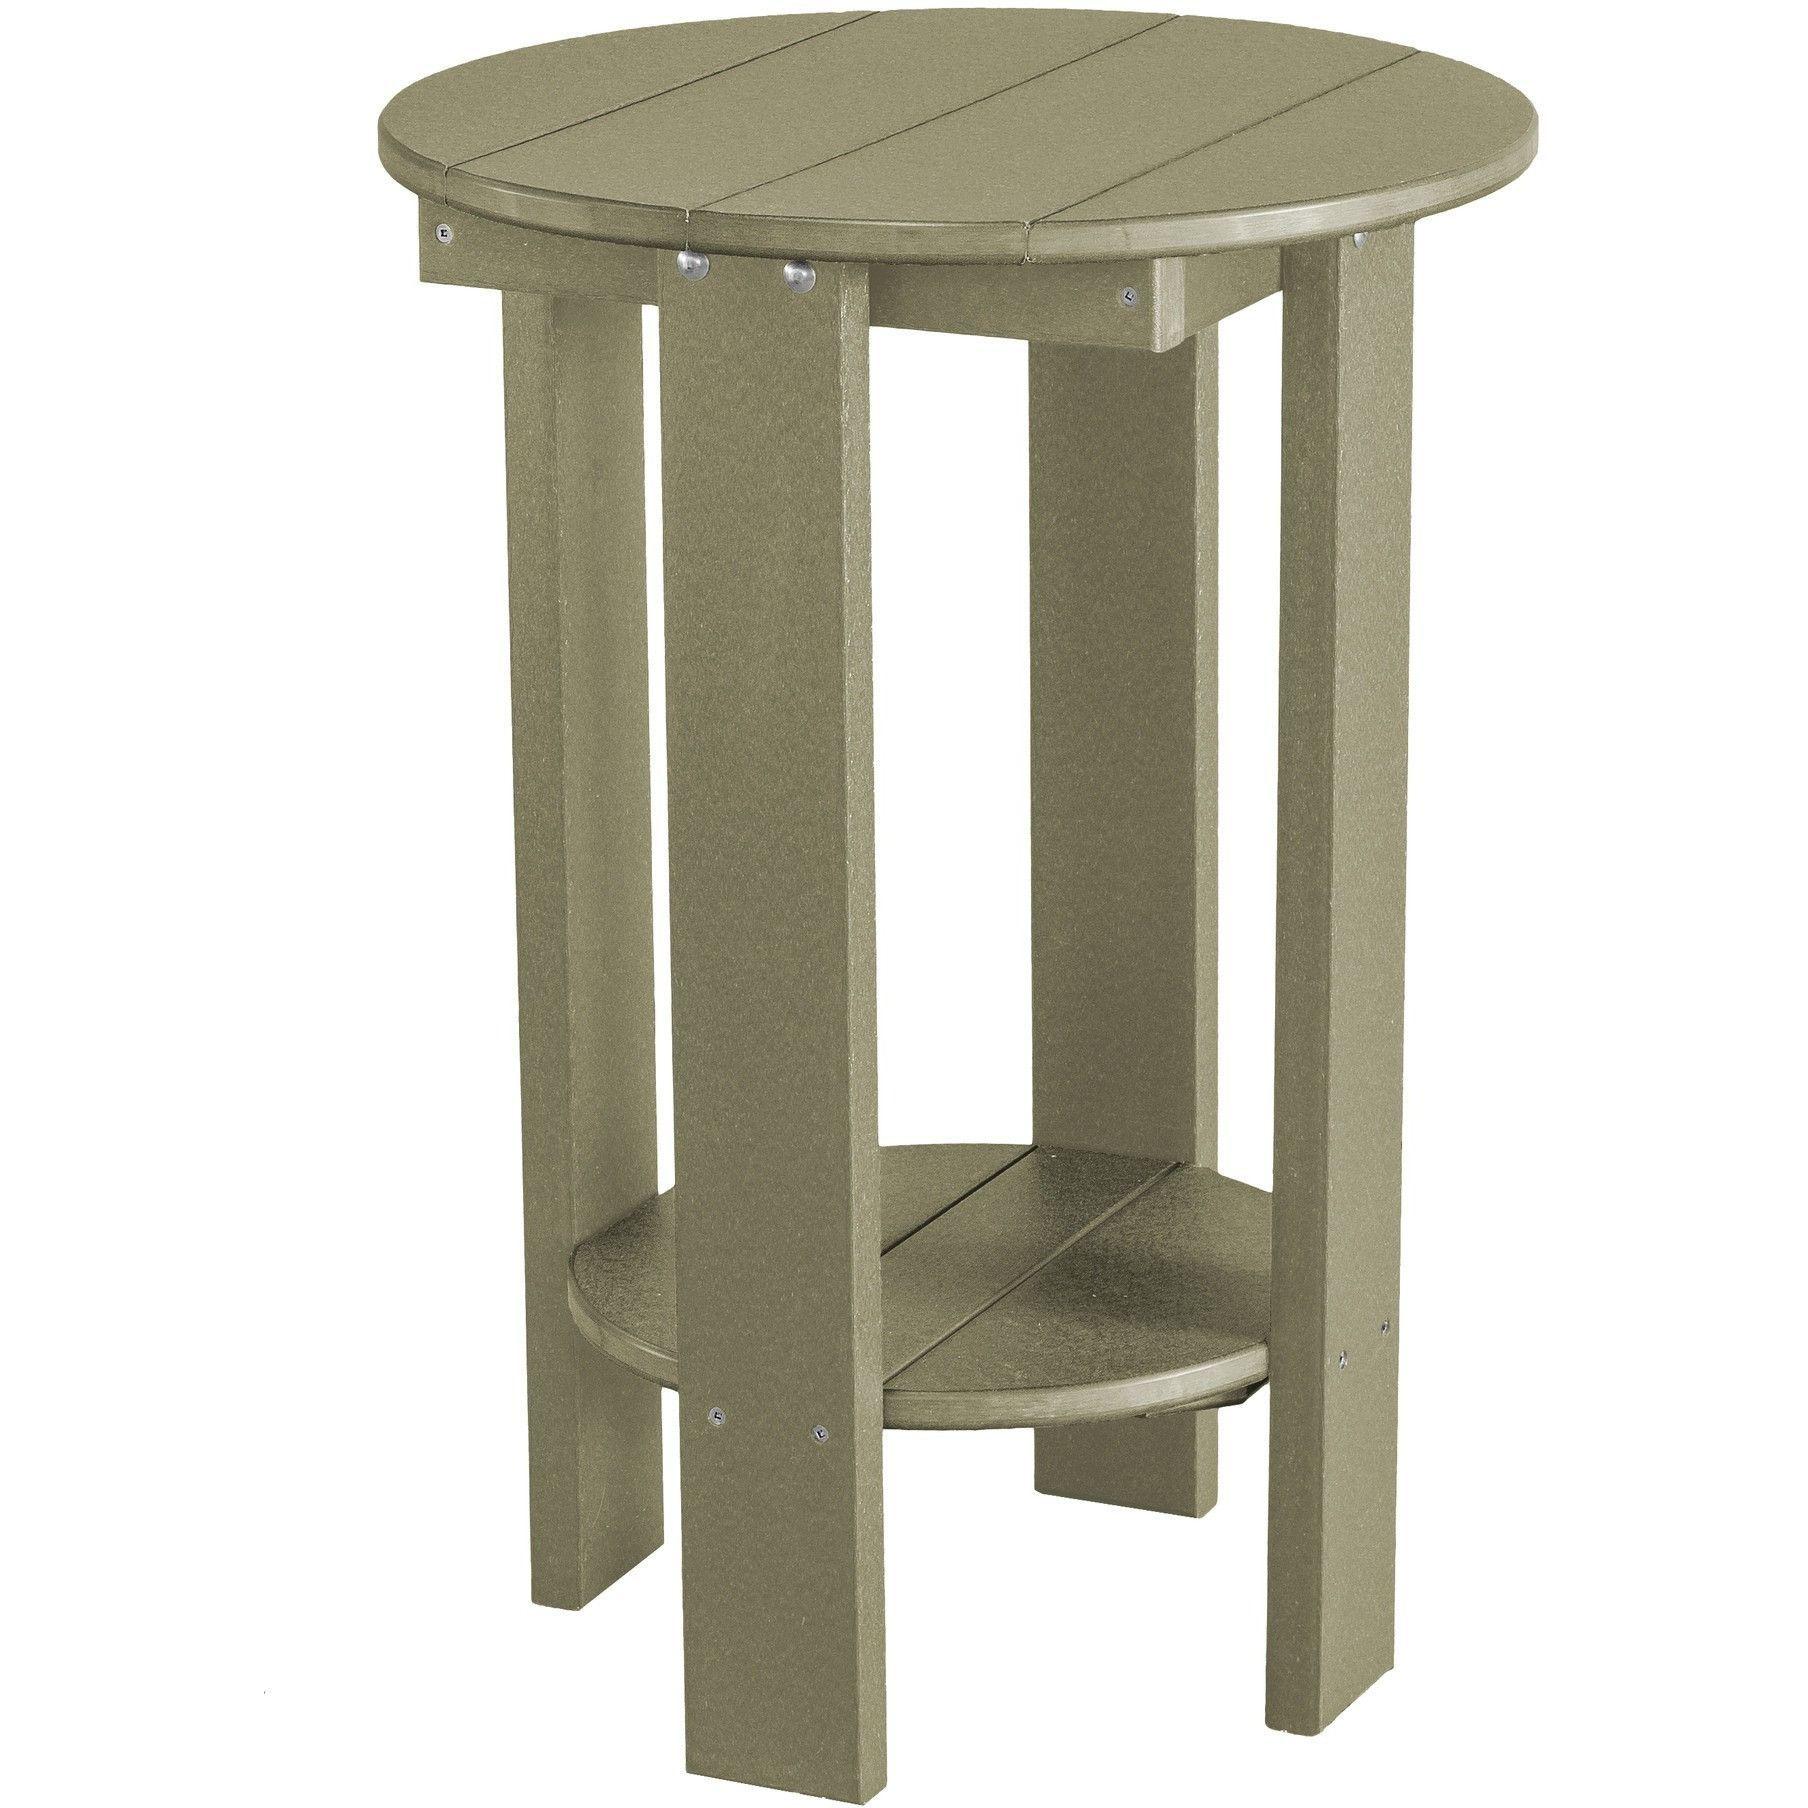 Wildridge Recycled Plastic Heritage Balcony Table